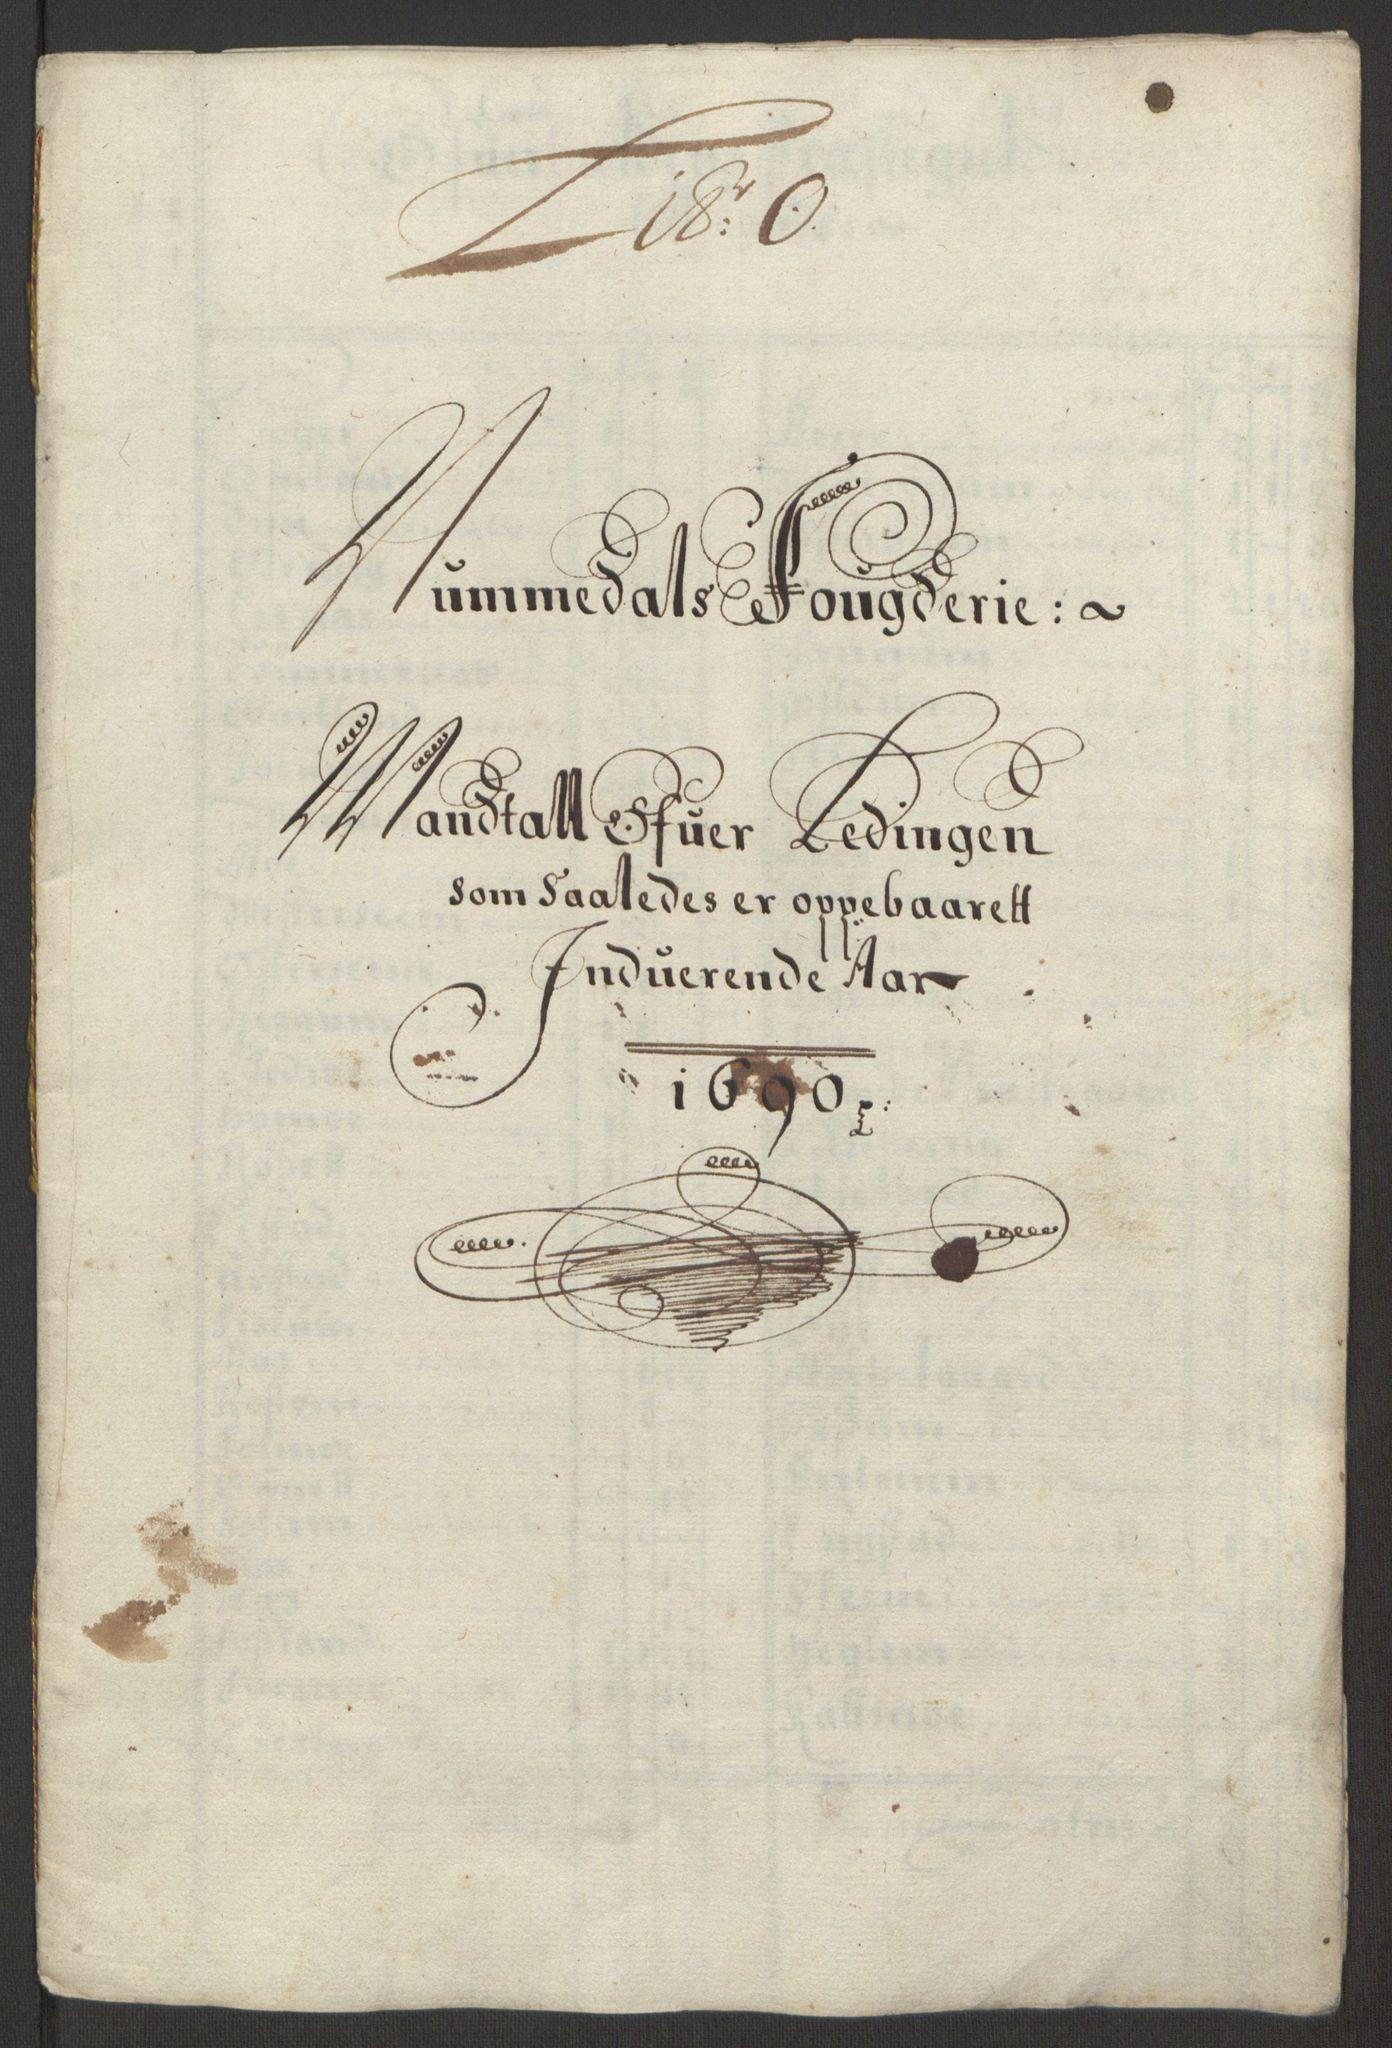 RA, Rentekammeret inntil 1814, Reviderte regnskaper, Fogderegnskap, R64/L4423: Fogderegnskap Namdal, 1690-1691, s. 89